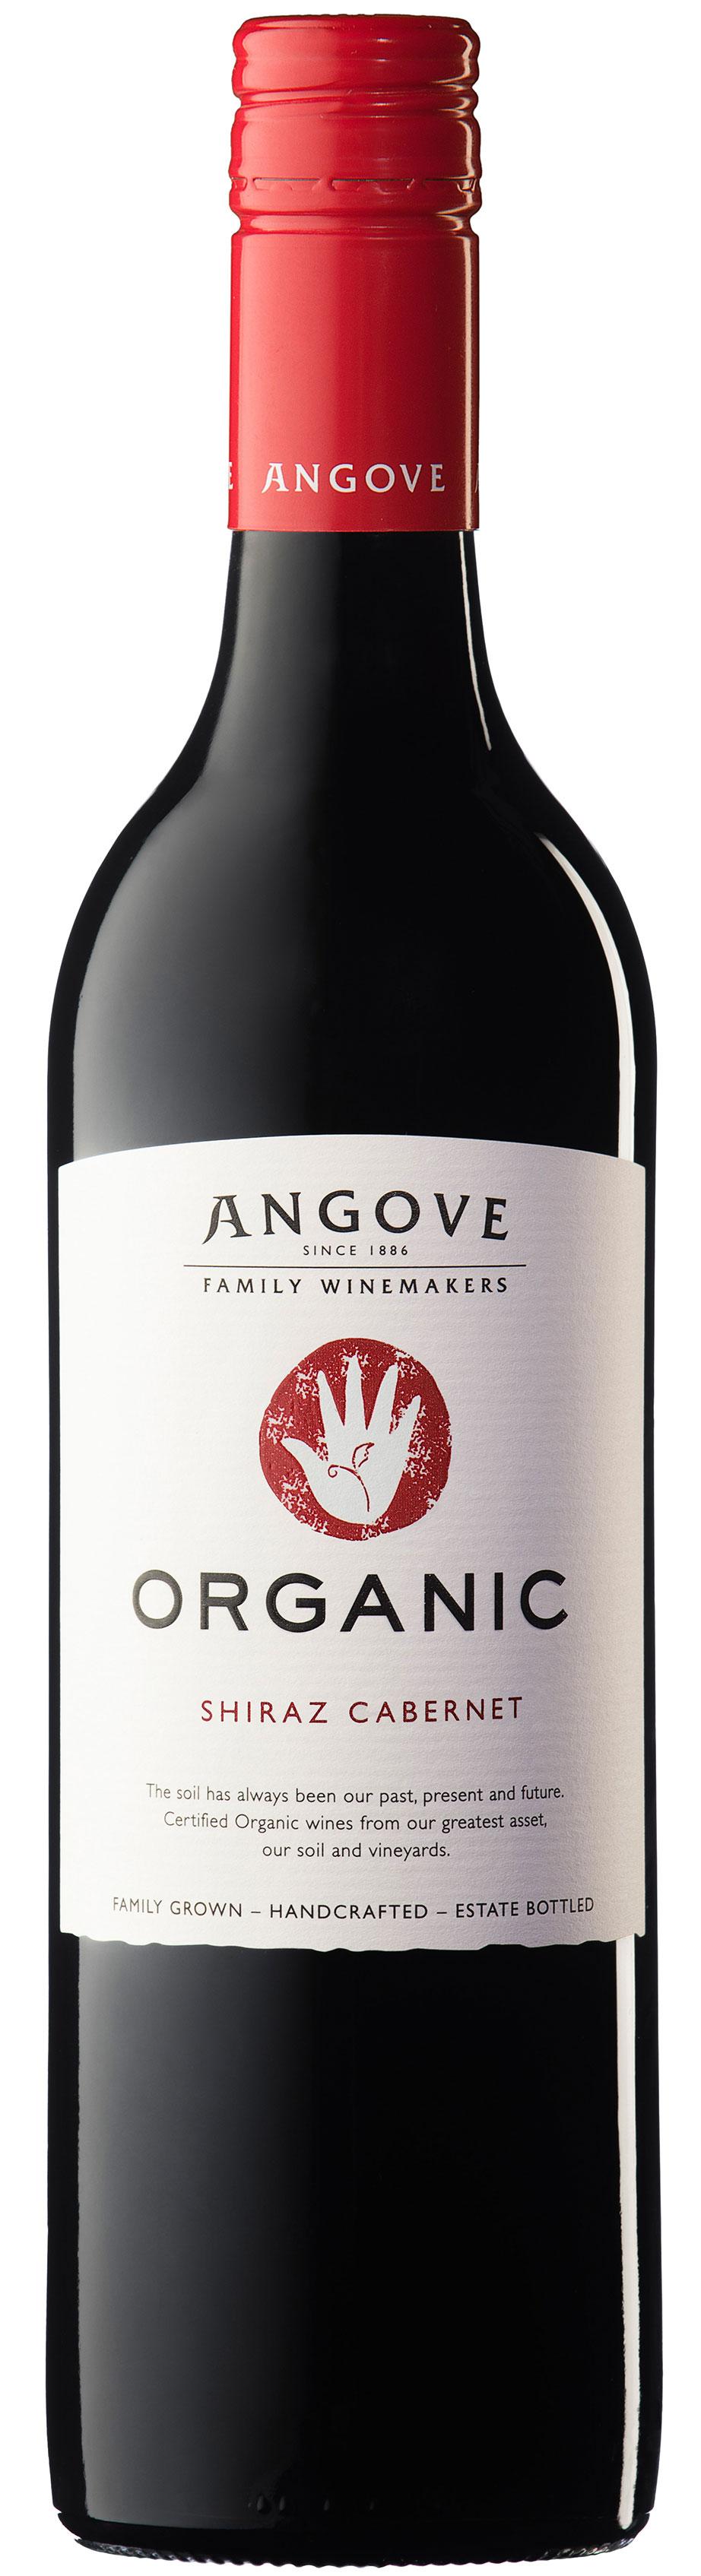 https://vinocorpperu.com/images/vinos/angove/angove_organic_shiraz_cabernet_2019.jpg